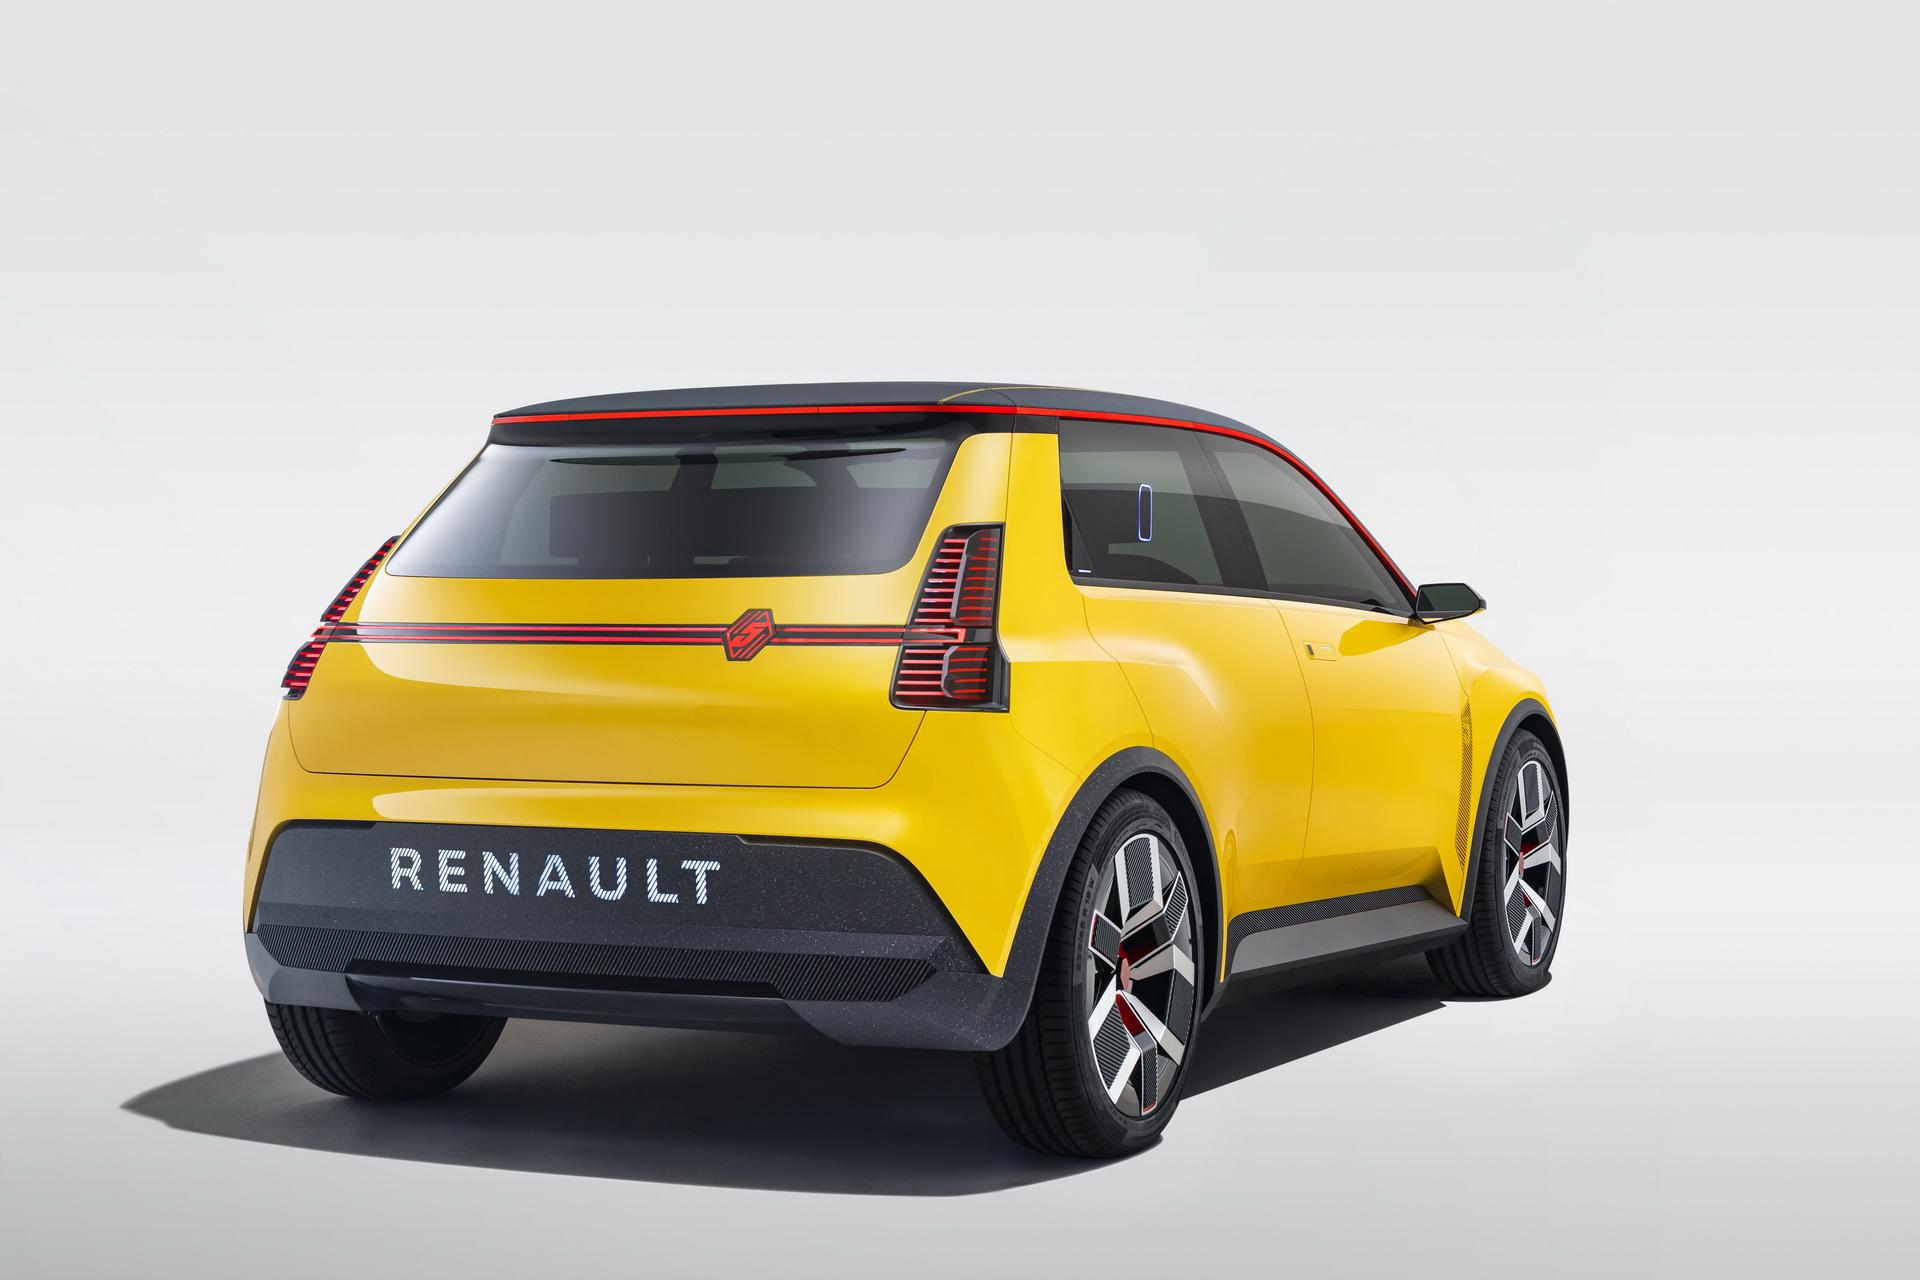 Renault 5 2021 electric car